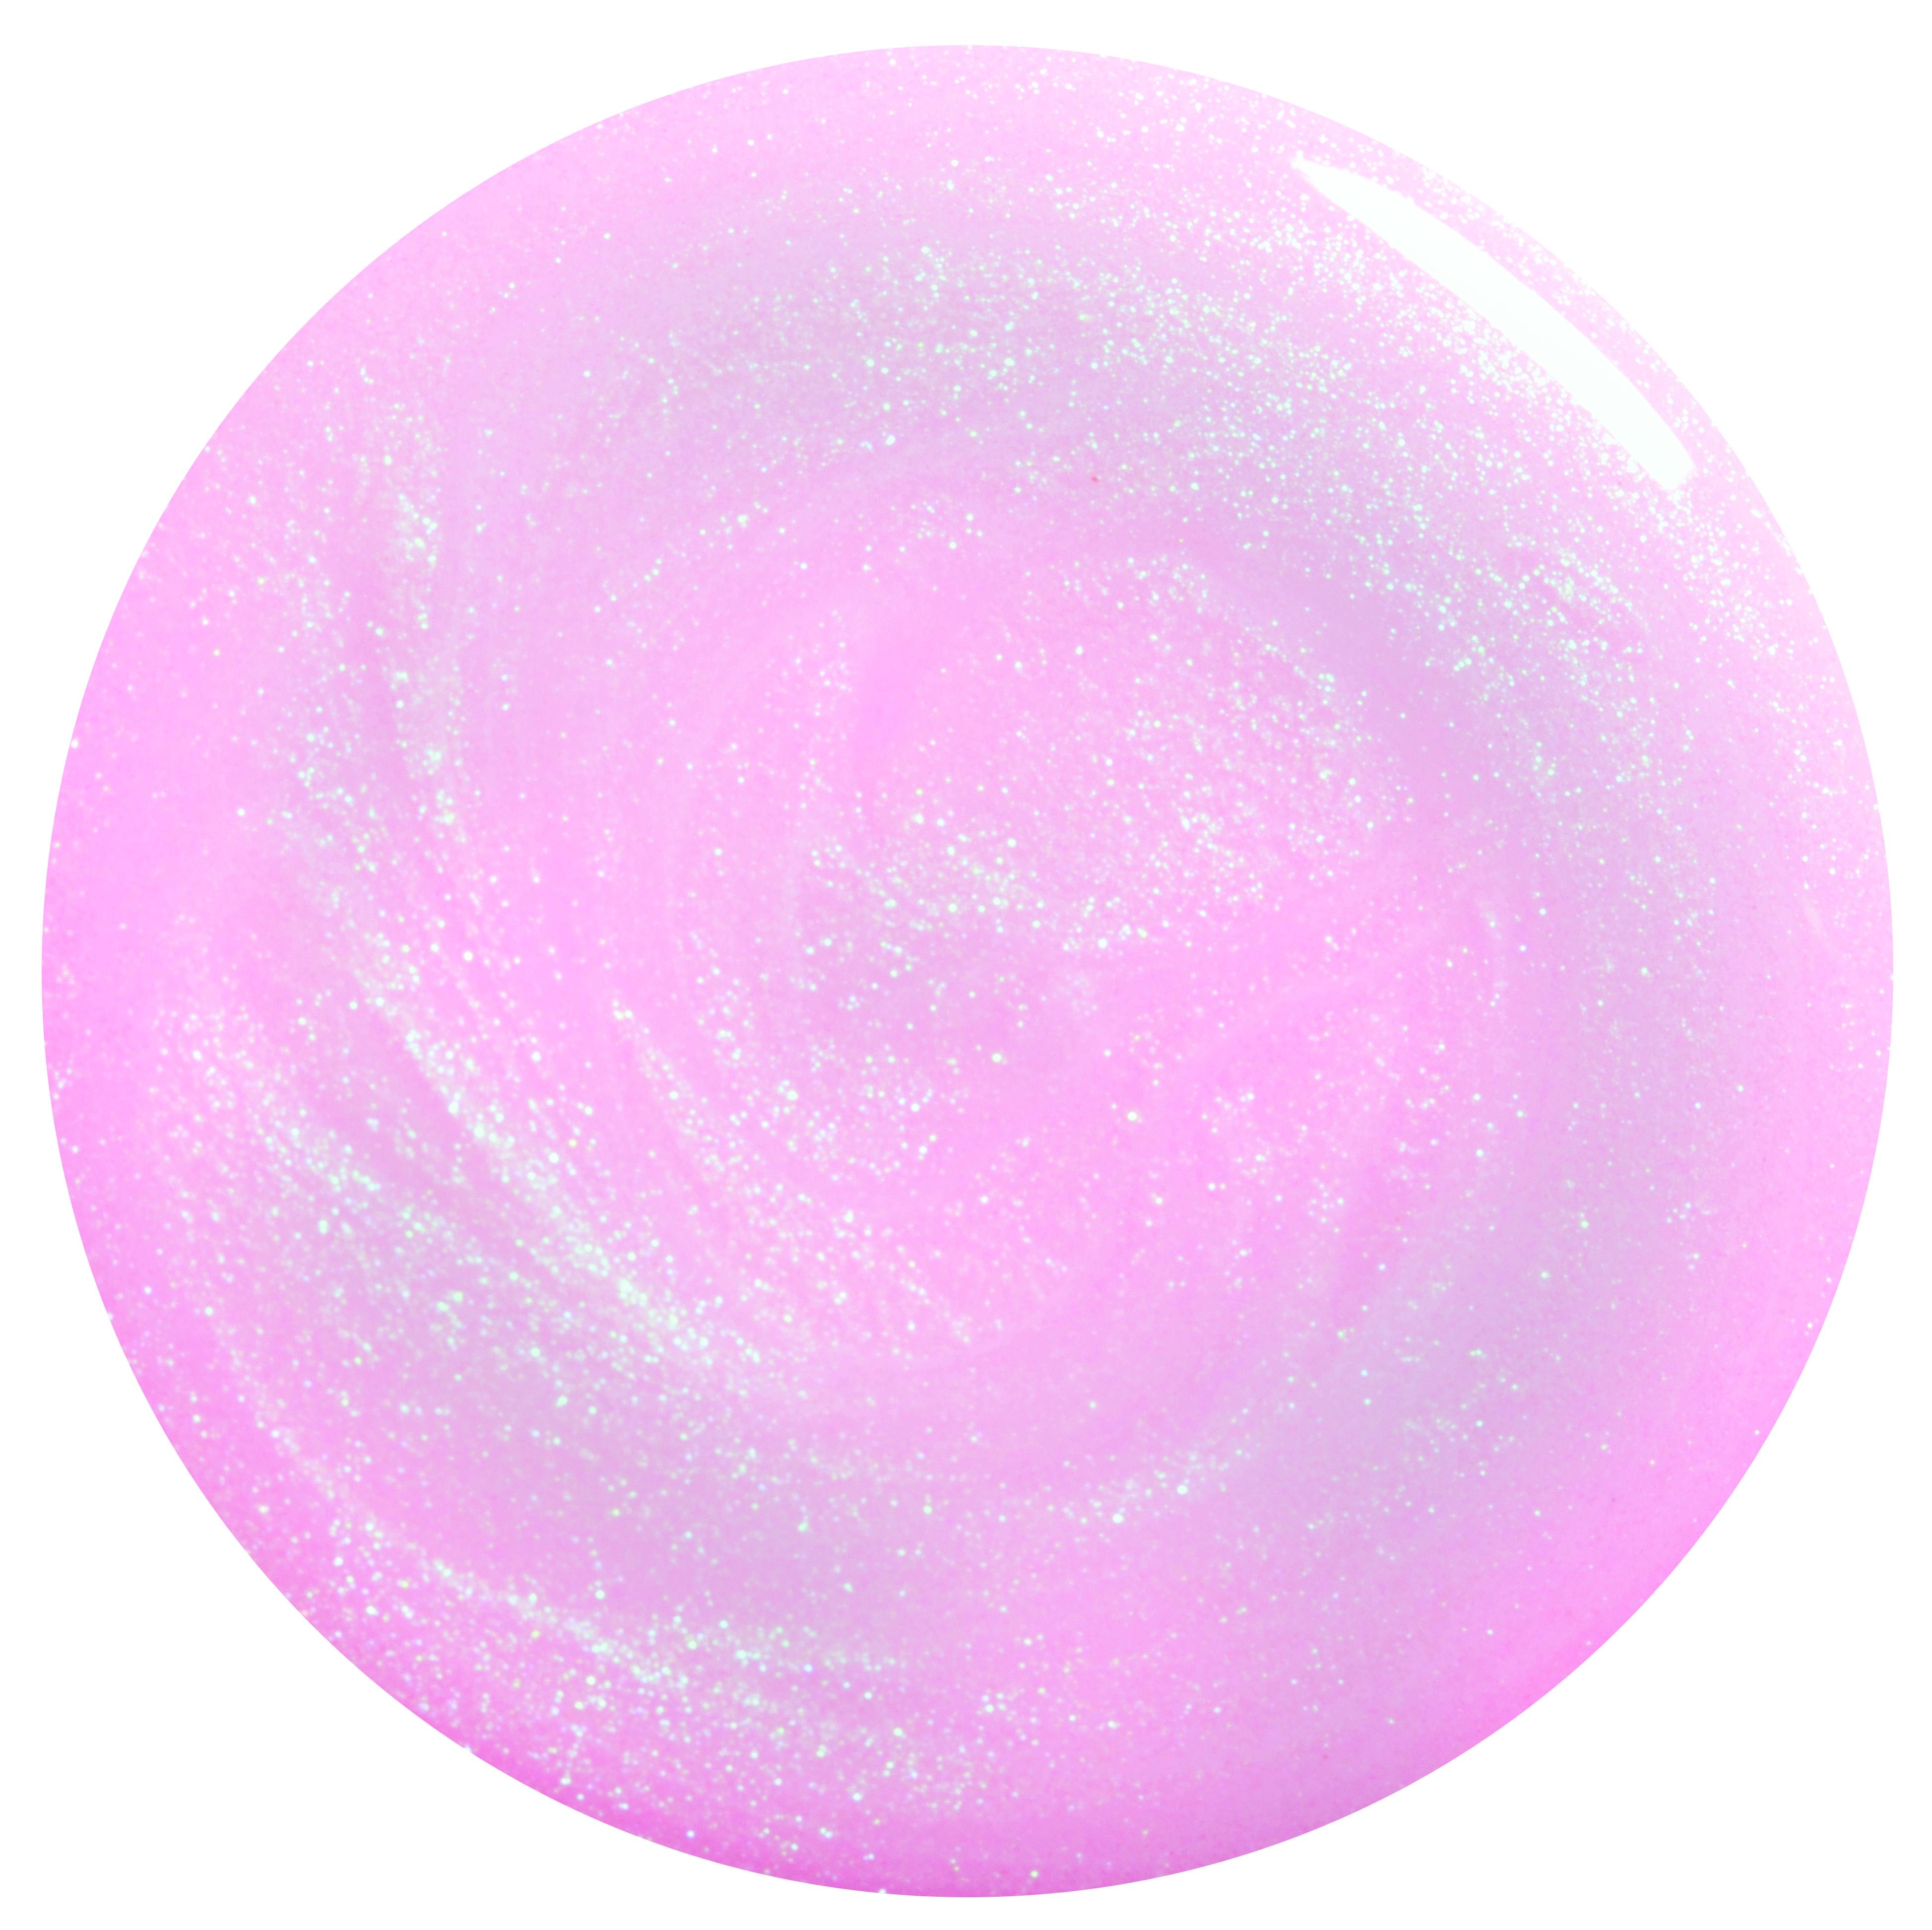 ORLY Лак для ногтей Beautifully Bizarre 866 18млЛаки<br>Beautifully Bizarre   нежно-розоватый мерцающий перламутр. Сезонная коллекция лаков. Настало время ярких красок, обновления и экспериментов. Как ни крути, когда абсолютно все, от настроения до погоды, заставляет улыбаться, то хочется,  сломя голову , бежать навстречу положительным переменам. А, как известно, начинать необходимо именно с себя. Долой серые скучные будни, да здравствует, весна в стиле Melrose! Активные ингредиенты. Состав: бутилацетат, этилацетат, изопропил, нитроцеллюлоза, триметил ангидрид сополимер, трифенилфосфат, триметилпентанил диизобутират, стеаралкониум бентонит, этилтосиламид, тосиламид-эпоксидная смола, ацетоизобутират сахарозы, стеаралкониум гекторит, этокрилен, бензофенон-1, лимонная кислота, ацетил трибутил цитрат, N-бутиловый спирт, диметикон, пропилацетат, акриловый сополимер, поливинил бутирал, триметилсиликат, полиэтилен терефталат, алюмокальциевый боросиликат, кварц, пигменты. Могут содержаться: слюда, оксихлорид висмута, диоксид титана, черный железооксидный краситель, красный железооксидный краситель. Способ применения: нанести 1-2 слоя лака поверх базового покрытия. Завершить маникюр с помощью верхнего покрытия и сушки.<br><br>Цвет: Розовые<br>Объем: 18 мл<br>Виды лака: Перламутровые